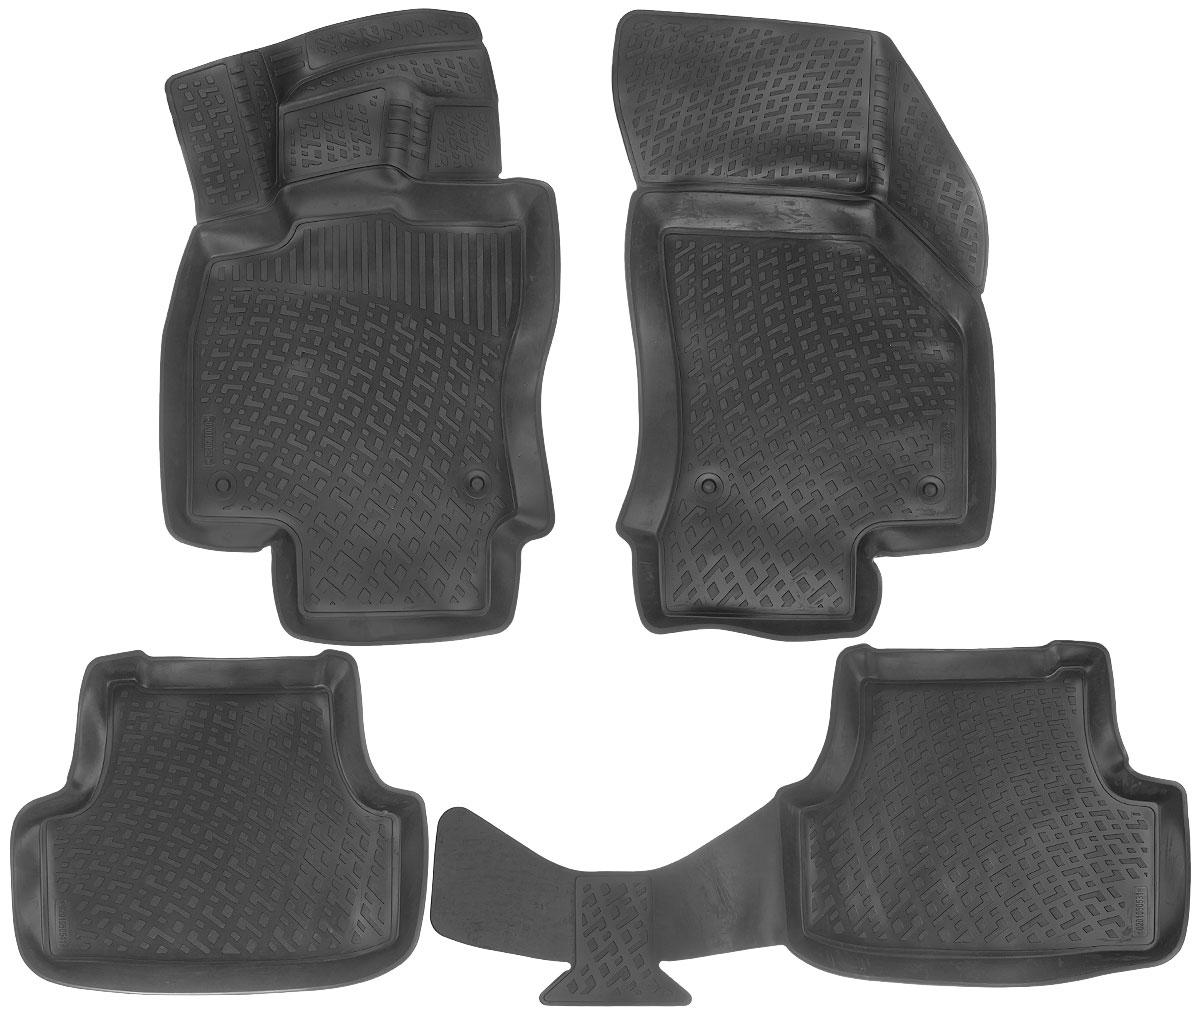 Набор автомобильных ковриков L.Locker Volkswagen Golf (7) 2012, в салон, 4 шт0201050501Набор L.Locker Volkswagen Golf (7) 2012, изготовленный из полиуретана, состоит из 4ковриков,которые производятся индивидуально для каждой моделиавтомобиля. Изделие точно повторяет геометрию пола автомобиля, имеет высокийборт, обладает повышенной износоустойчивостью, лишено резкого запаха и сохраняет своипотребительские свойства в широком диапазоне температур от -50°С до +80°С.Комплектация: 4 шт.Размер ковриков: 87 см х 53 см; 57 см х 46 см; 104 см х 47 см; 84 см х 50 см.